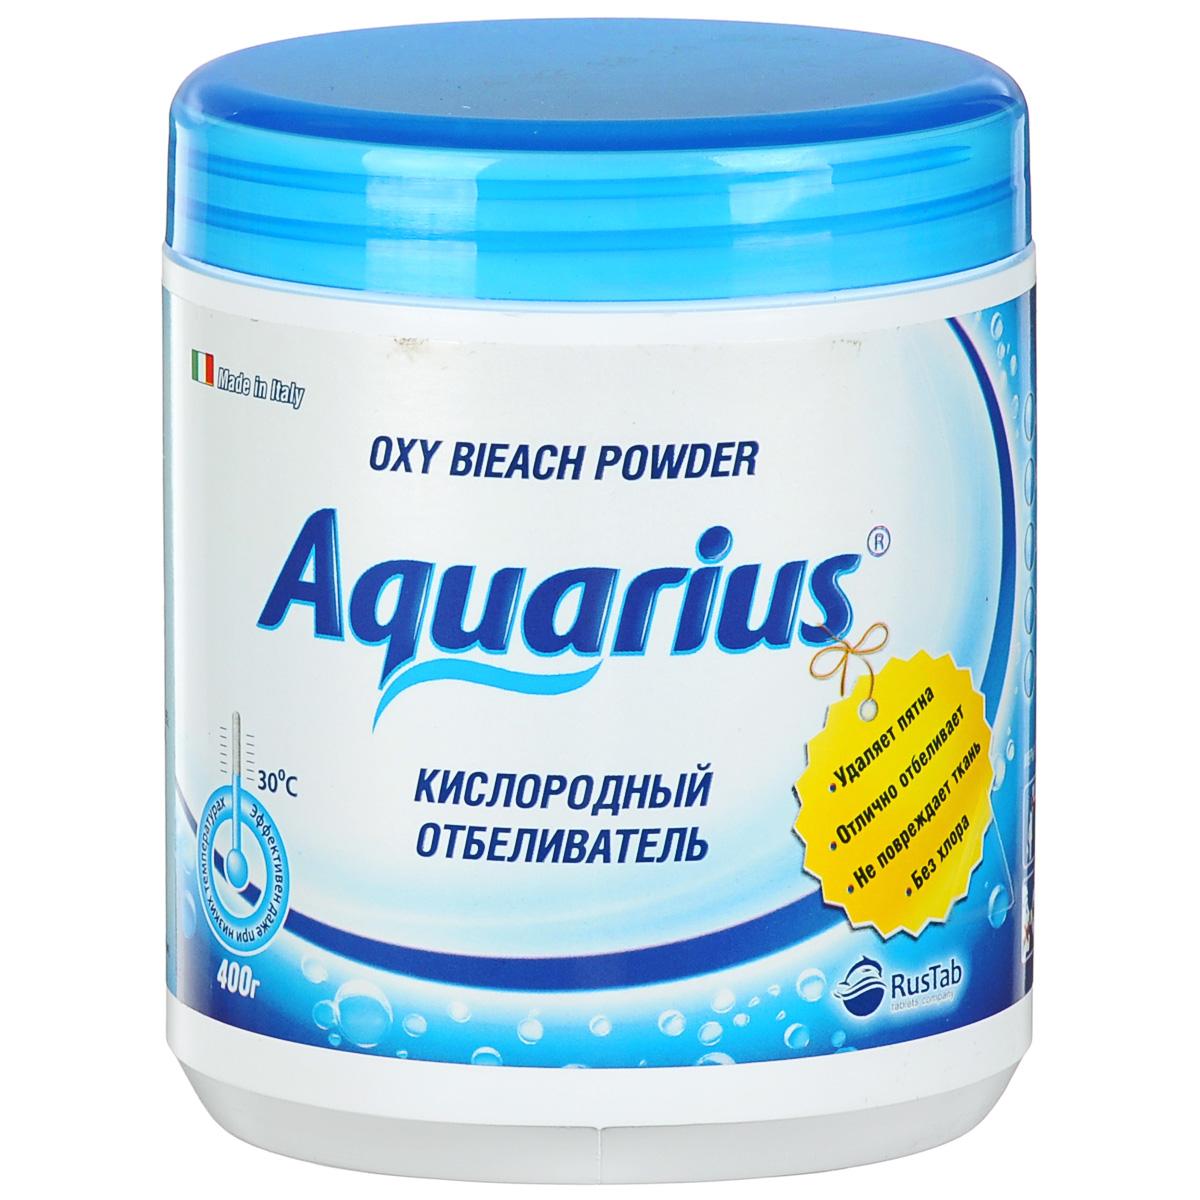 Пятновыводитель для белого белья Lotta Aquarius, кислородный, 400 г пятновыводитель для цветного белья lotta oxi кислородный 750 г